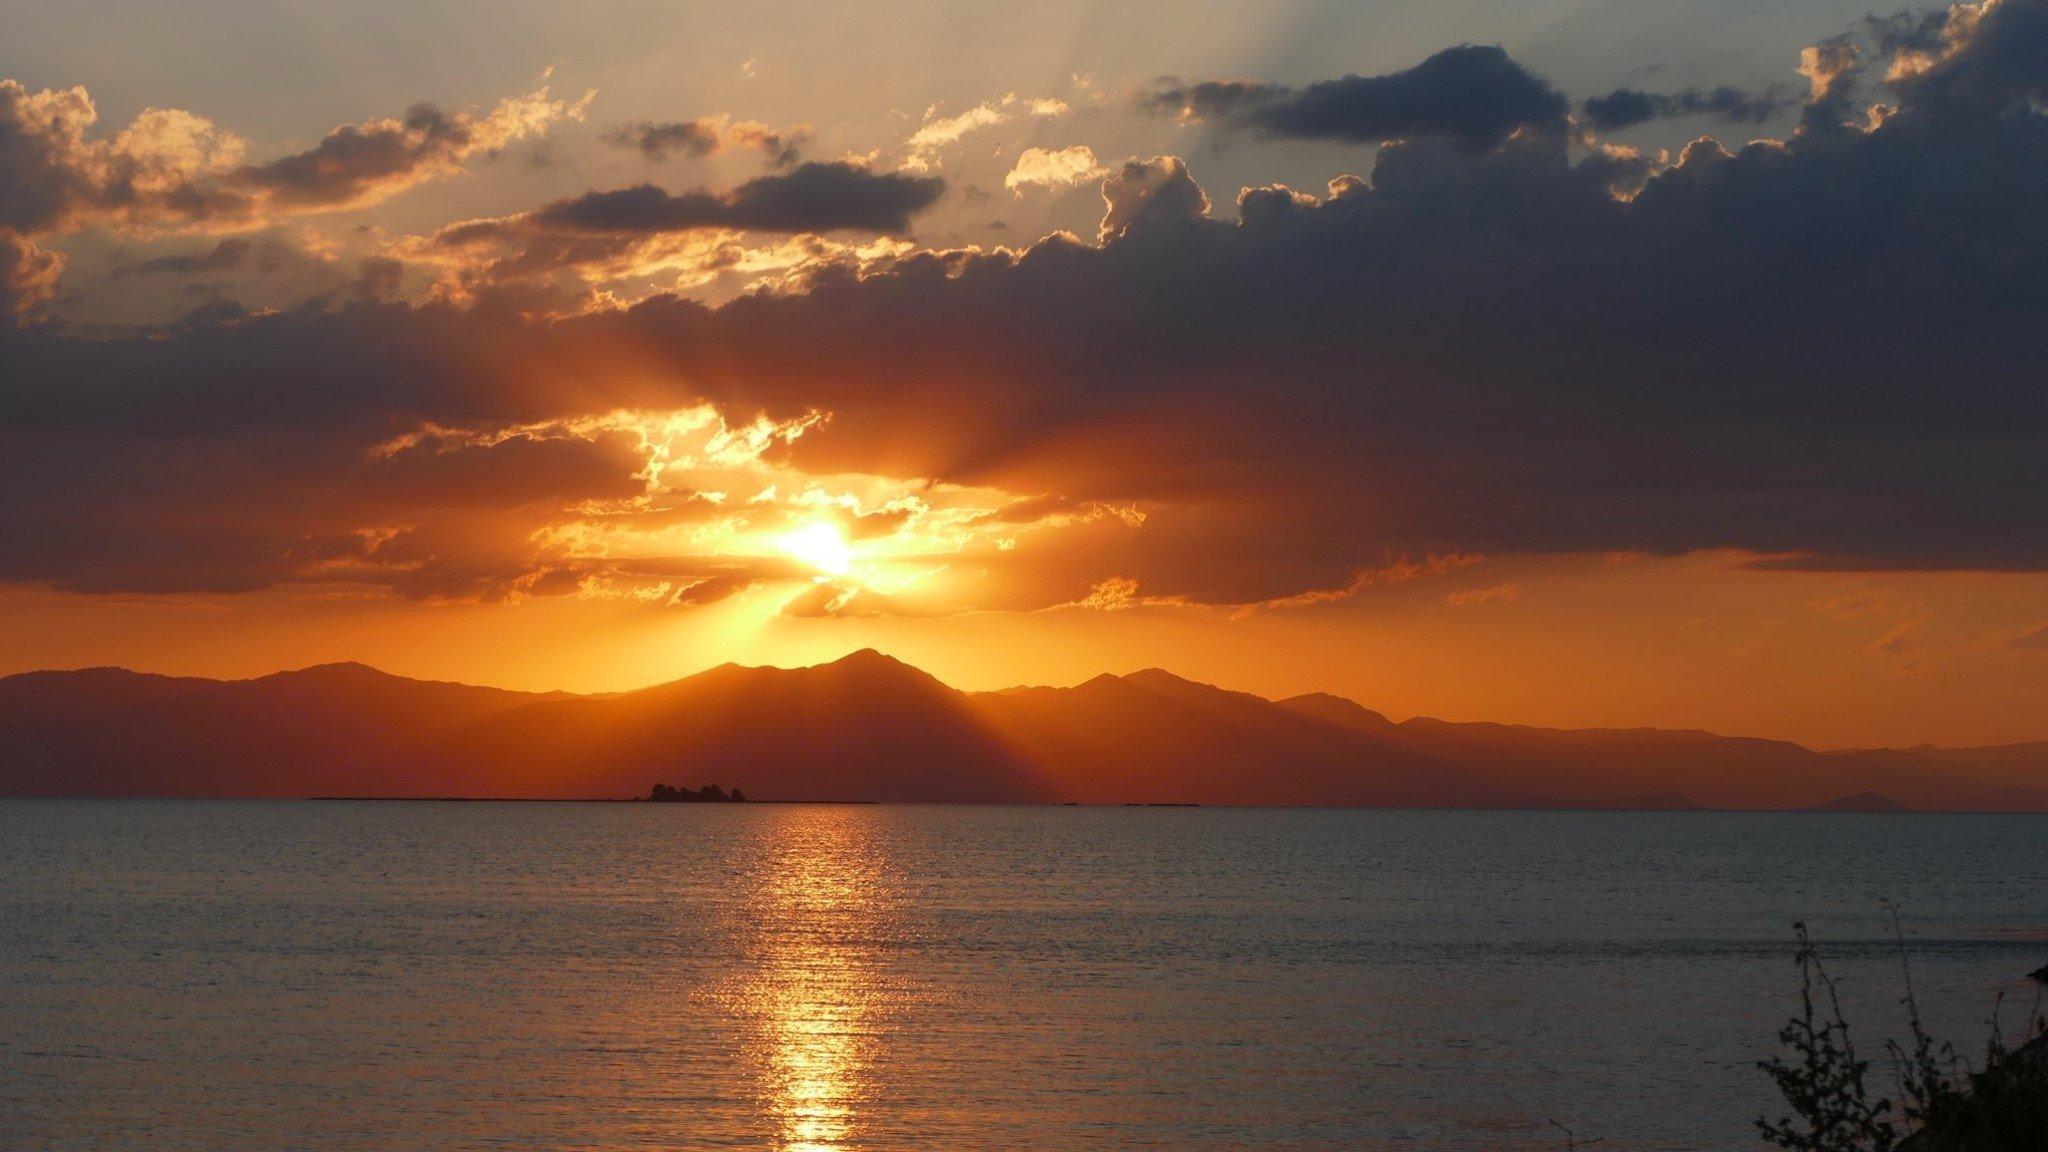 Türkiye'nin güneybatısındaki Isparta ve Konya'daki Beihir Gölü'nün günbatımında görünümü.  Mart.